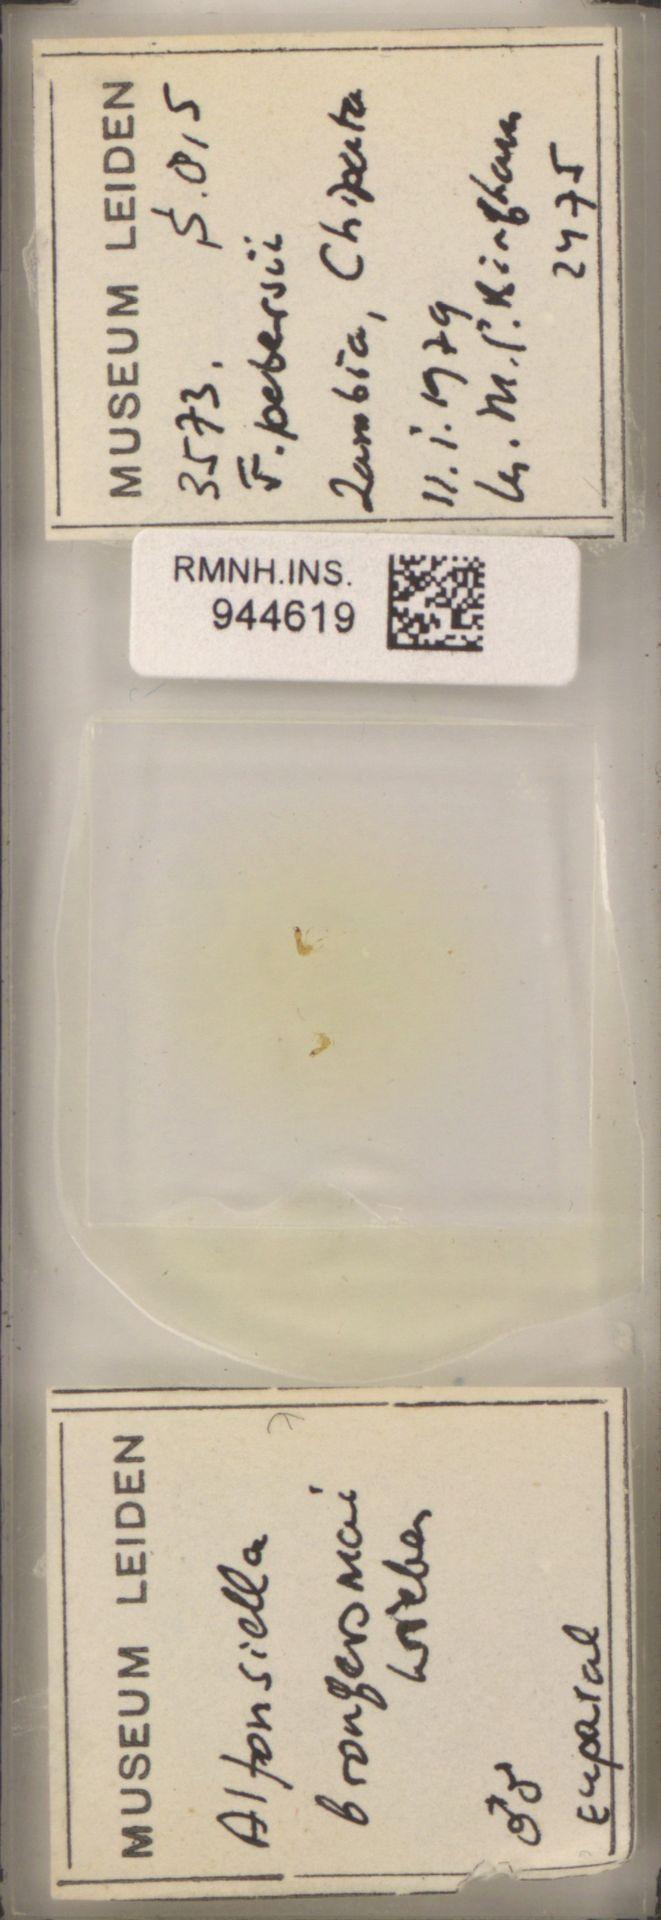 RMNH.INS.944619   Alfonsiella brongersmai (Grandi)